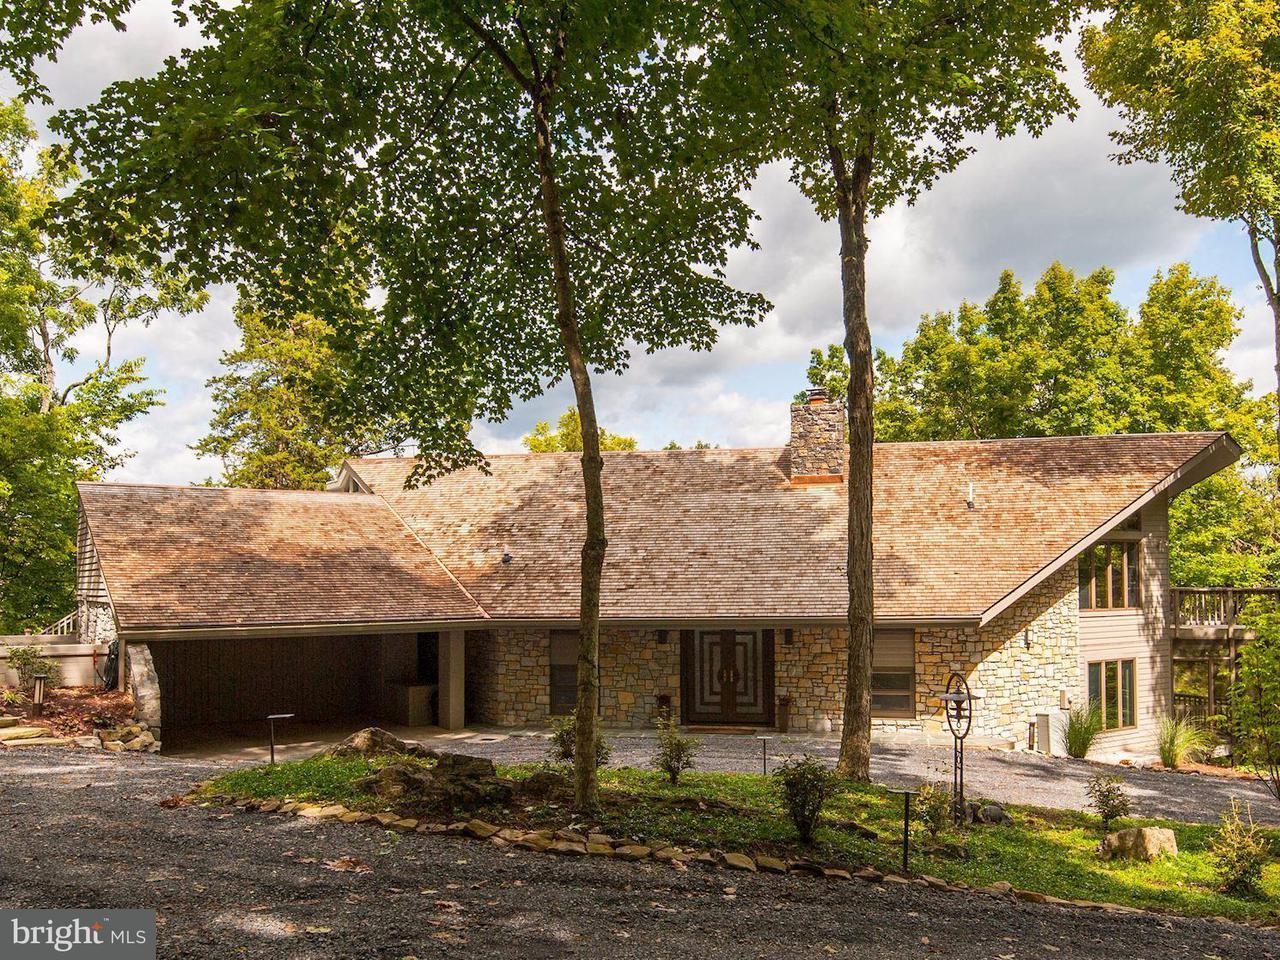 Частный односемейный дом для того Продажа на 265 WOODCLIFF Lane 265 WOODCLIFF Lane Front Royal, Виргиния 22630 Соединенные Штаты